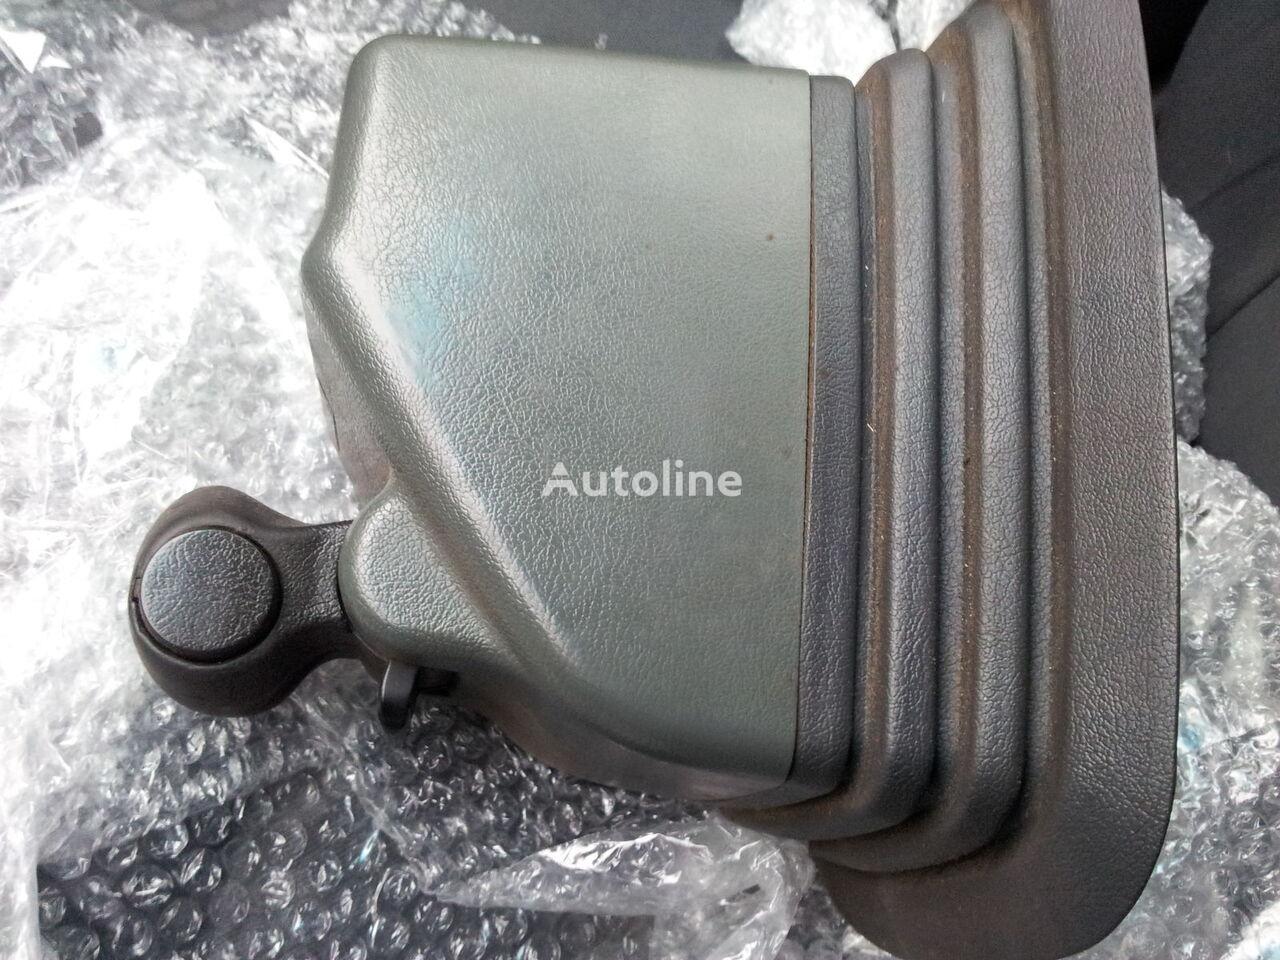 MERCEDES-BENZ Actros cable de caja de cambios para MERCEDES-BENZ Actros MP1, EURO2 tractora